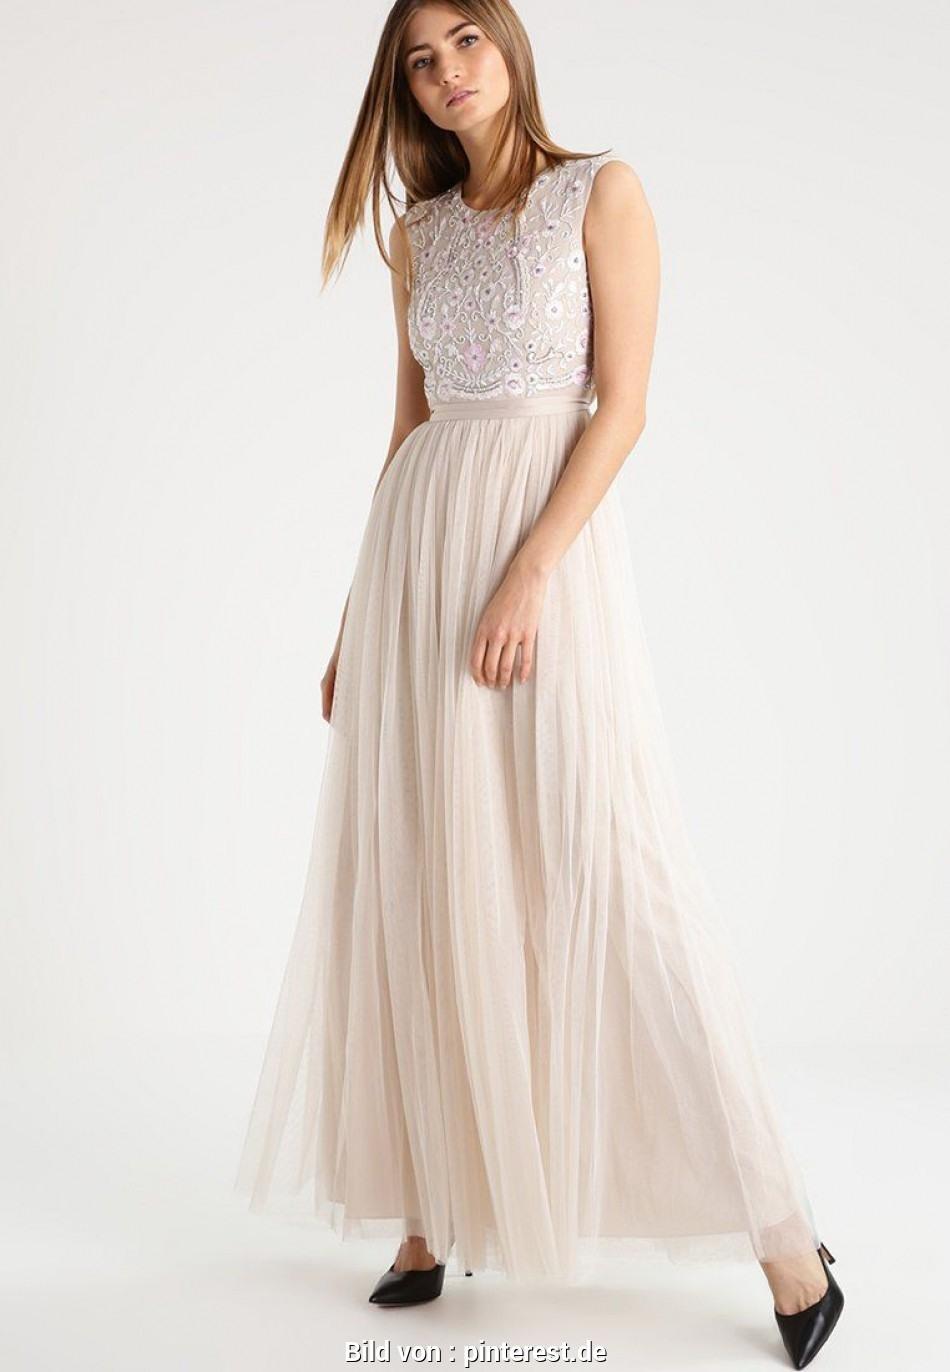 13 Luxurius Abendkleider Verleih Nrw BoutiqueDesigner Cool Abendkleider Verleih Nrw Design